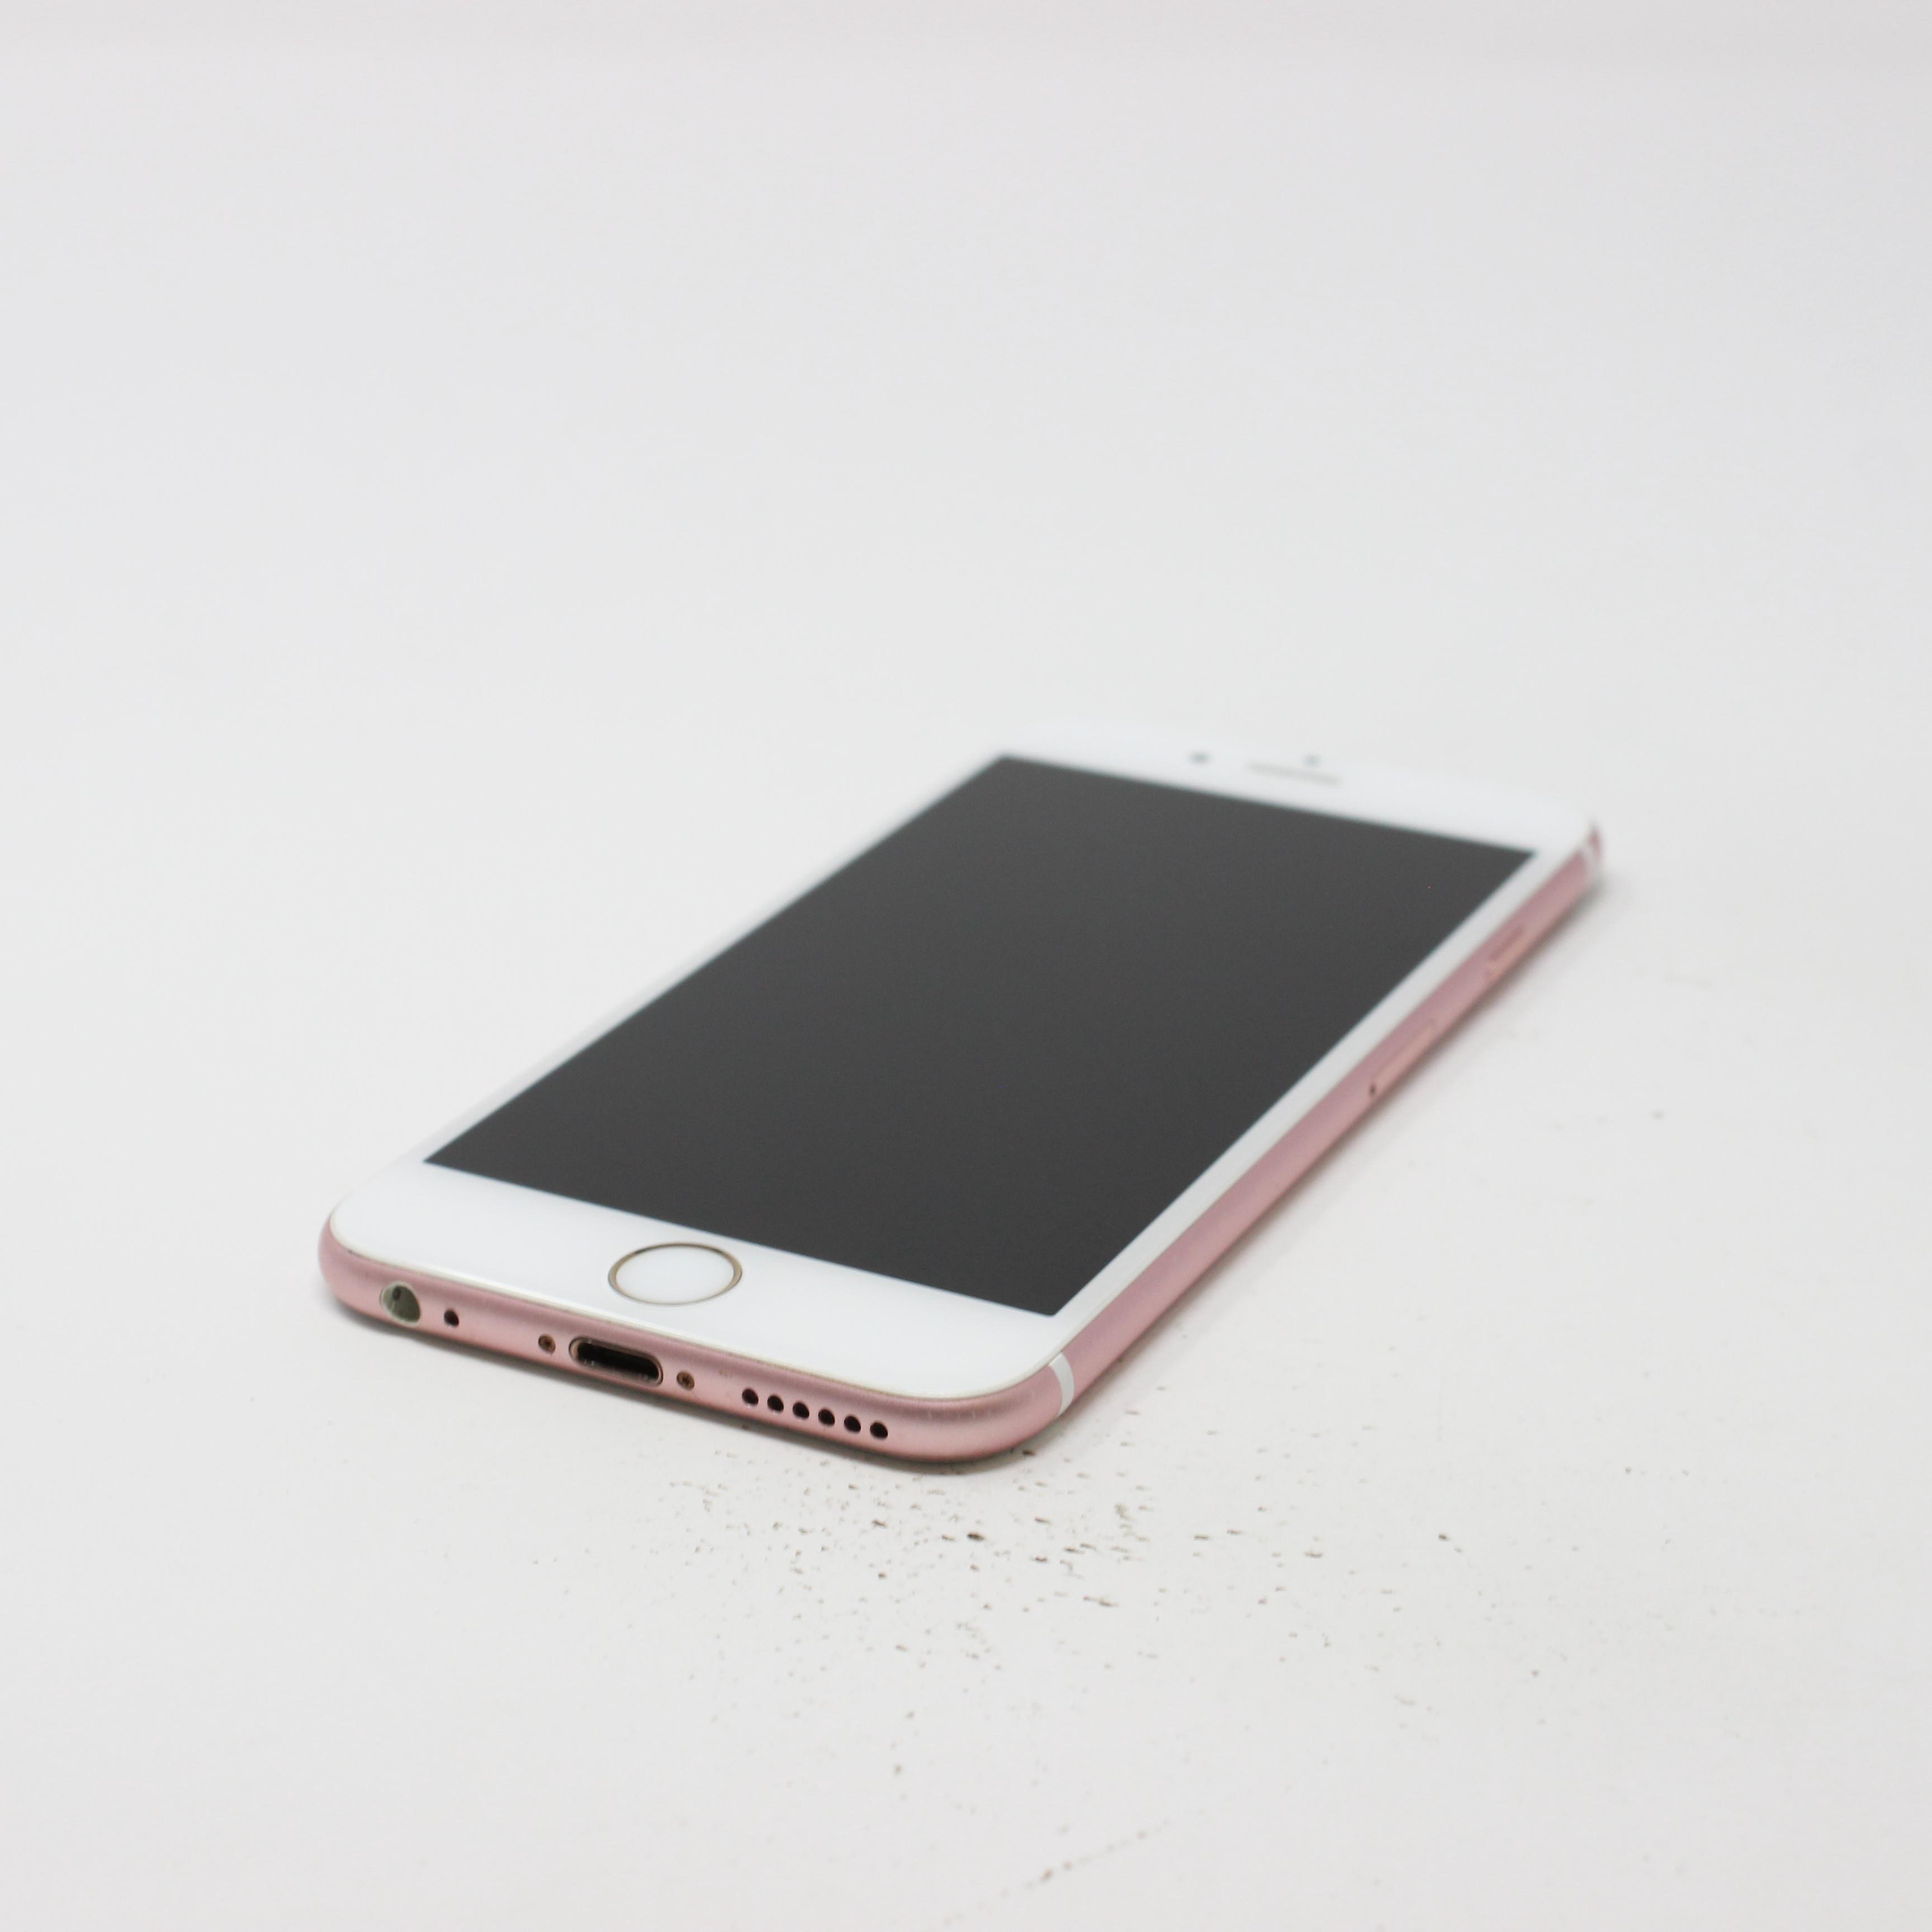 iPhone 6S 32GB Rose Gold - Verizon photo 6   UpTradeit.com